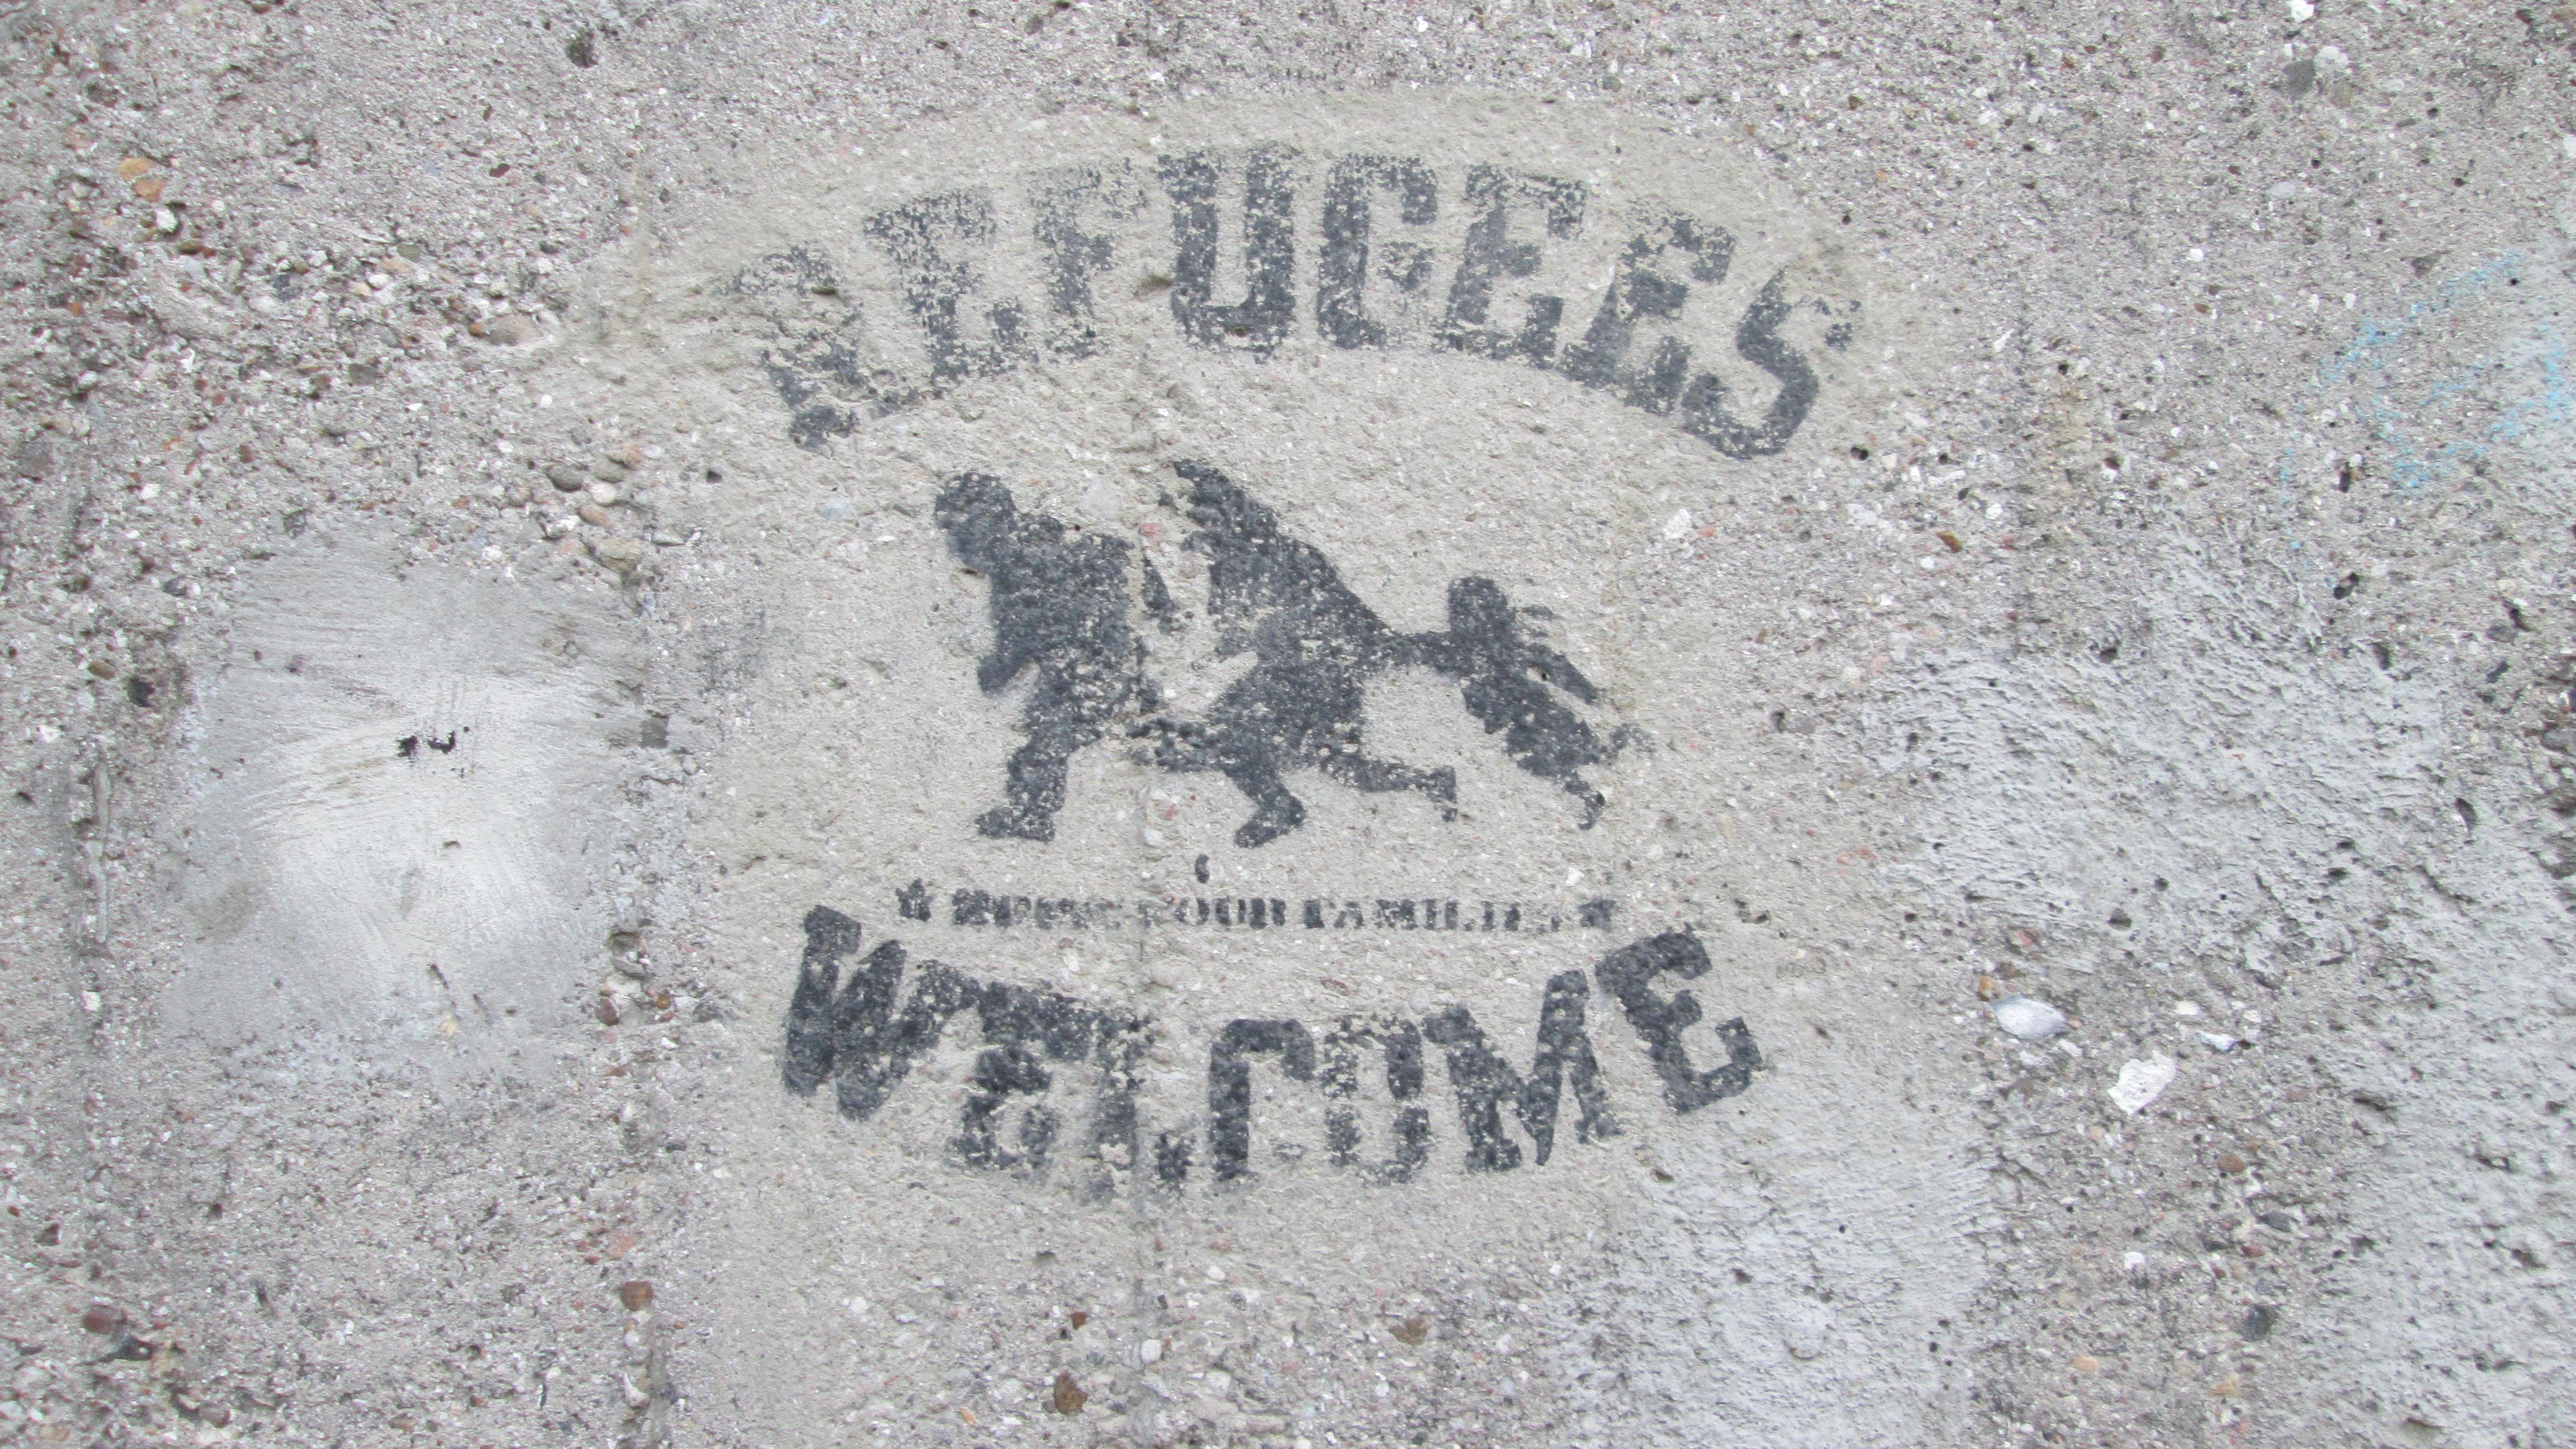 refugeewylio